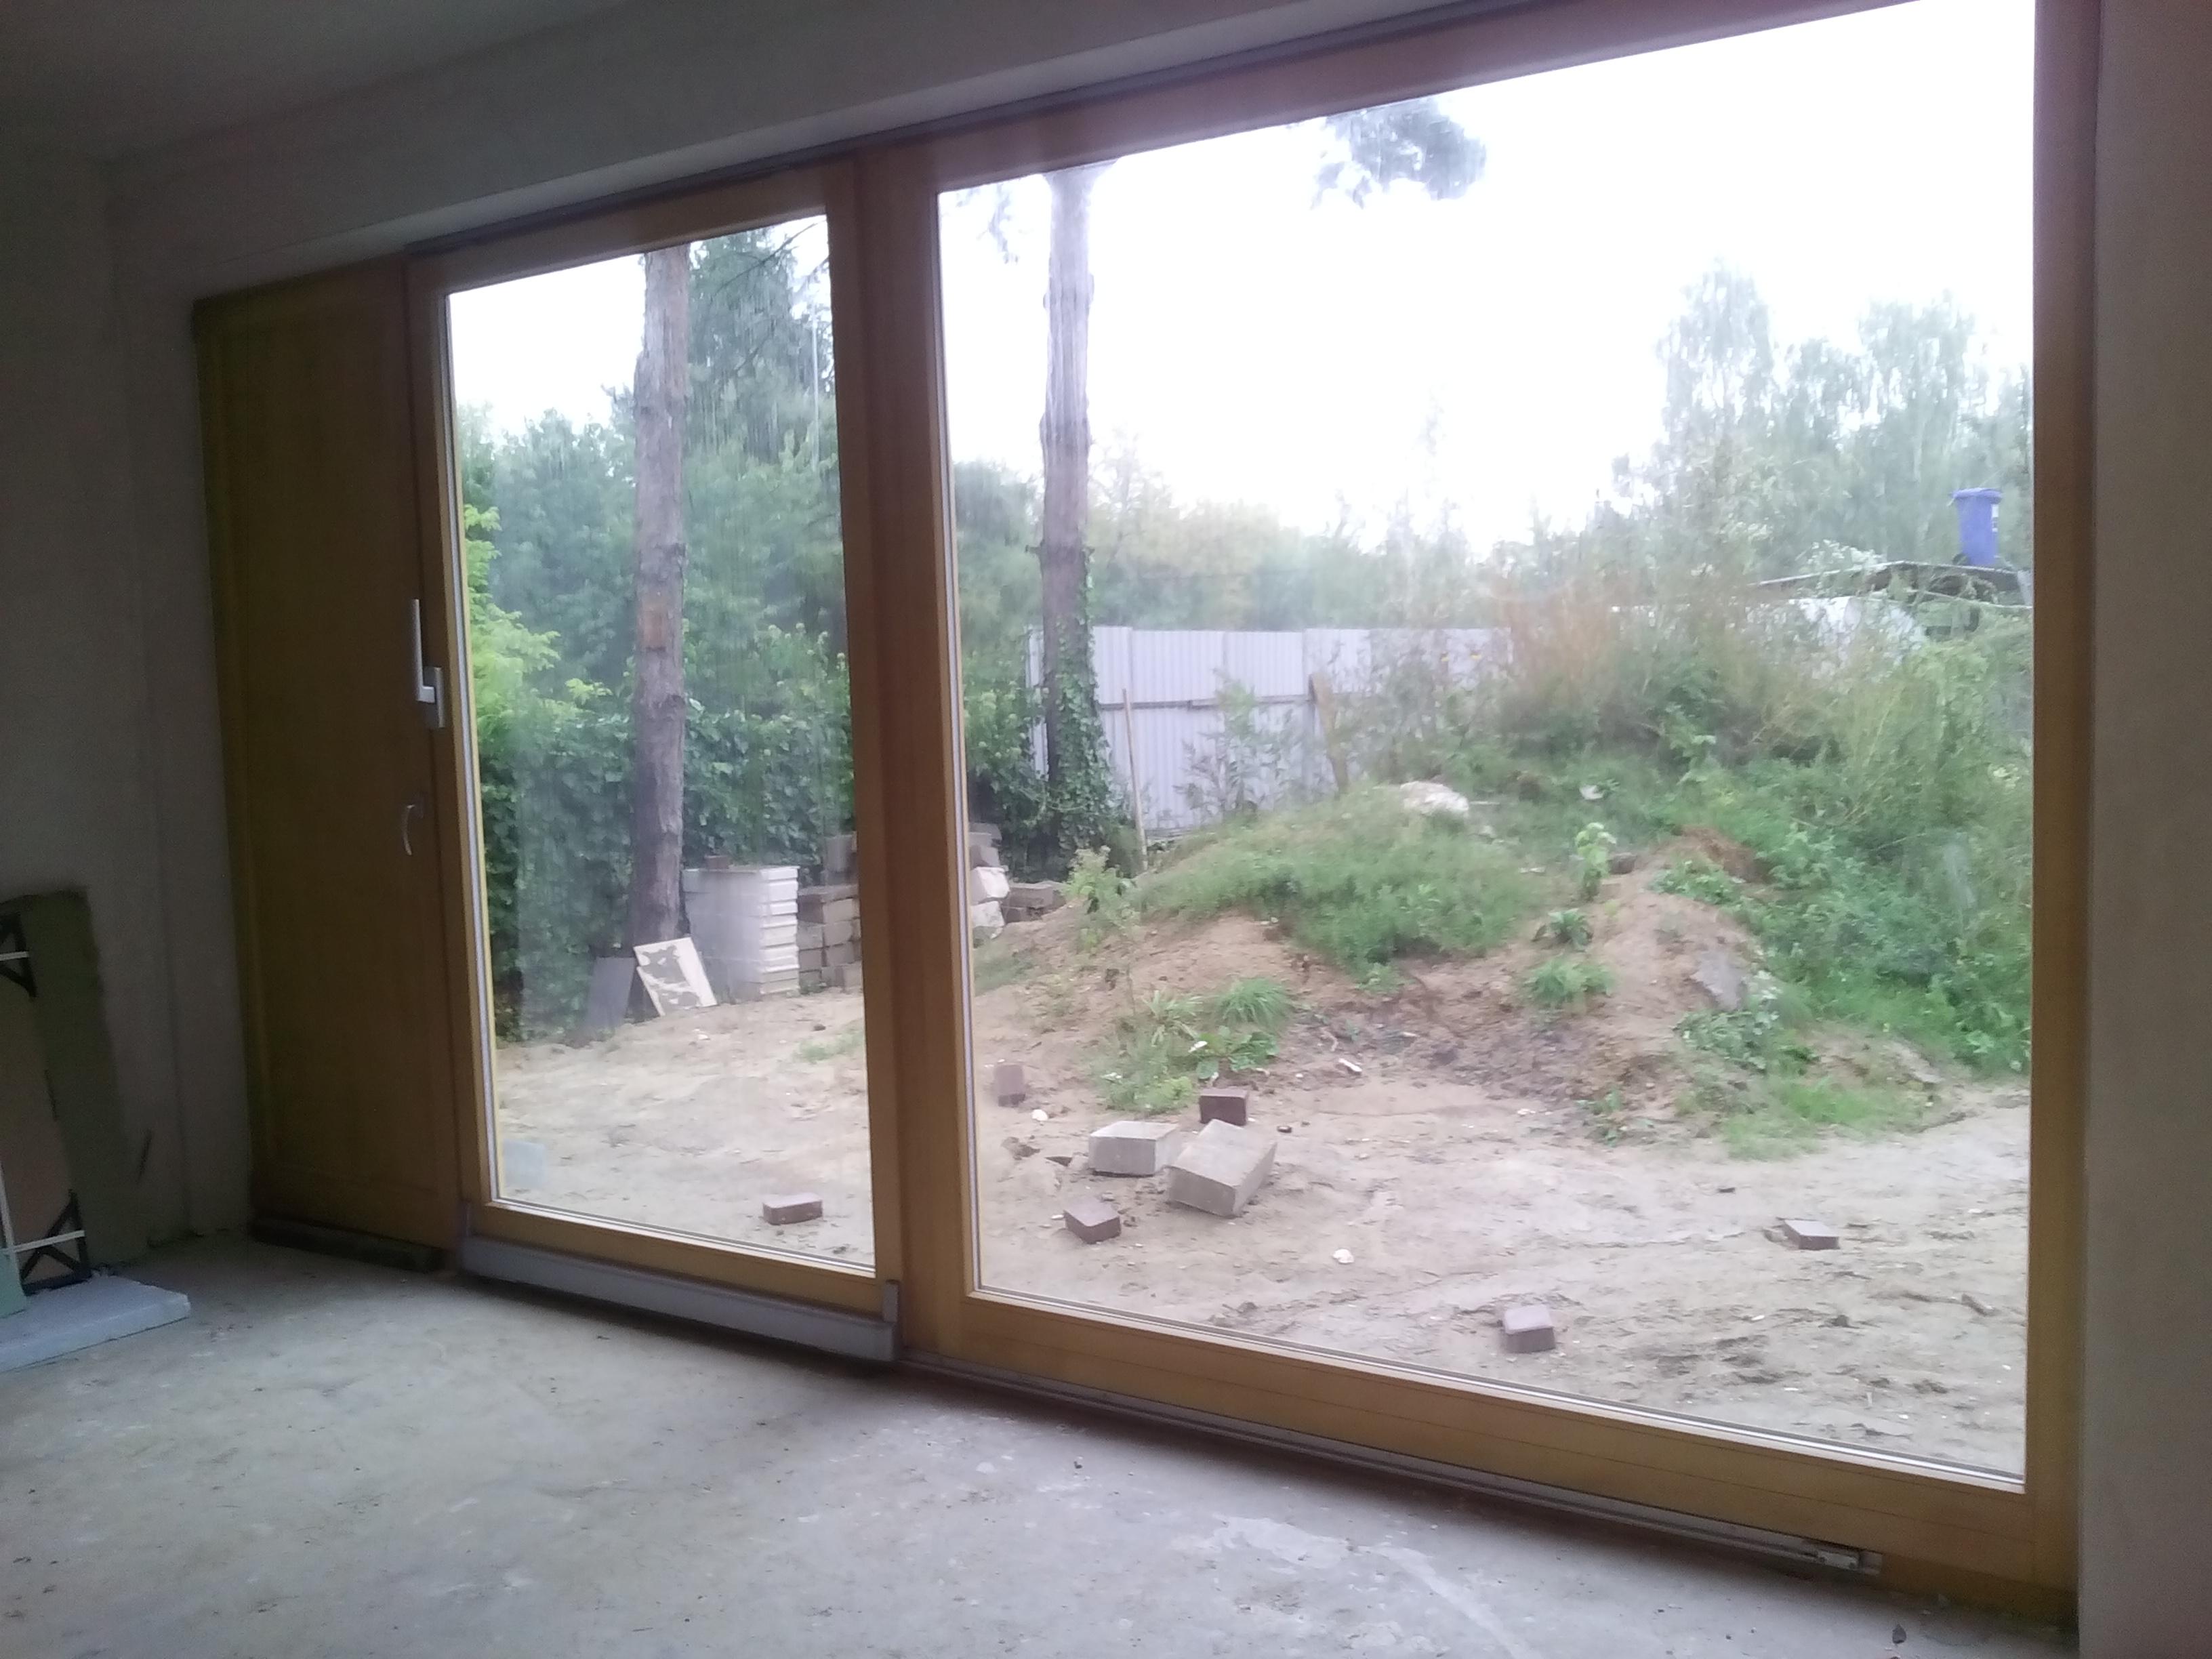 Drzwi Tarasowe Dwuskrzydlowe Przesuwne Cena Q Housepl